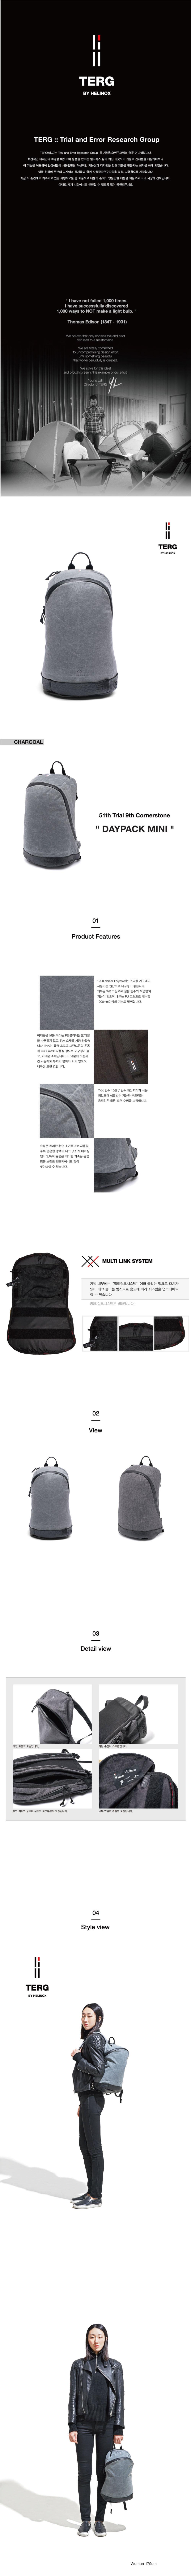 20160429-Daypack-Mini-Charcoal.jpg